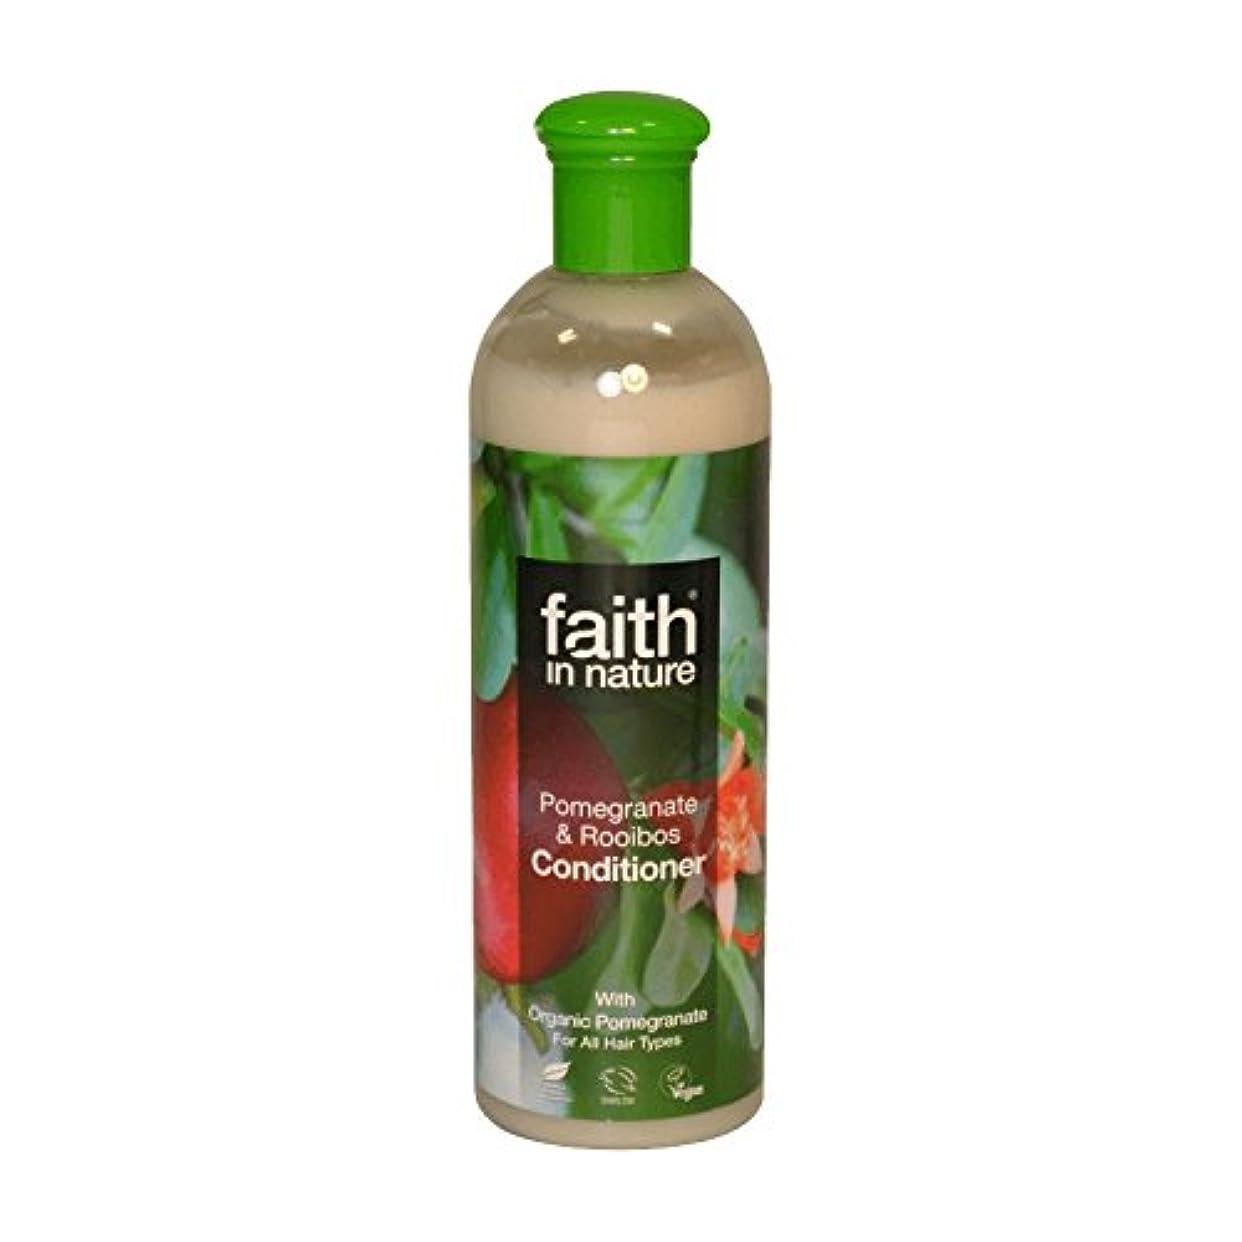 沿ってその重力自然ザクロ&Roobiosコンディショナー400ミリリットルの信仰 - Faith in Nature Pomegranate & Roobios Conditioner 400ml (Faith in Nature) [並行輸入品]